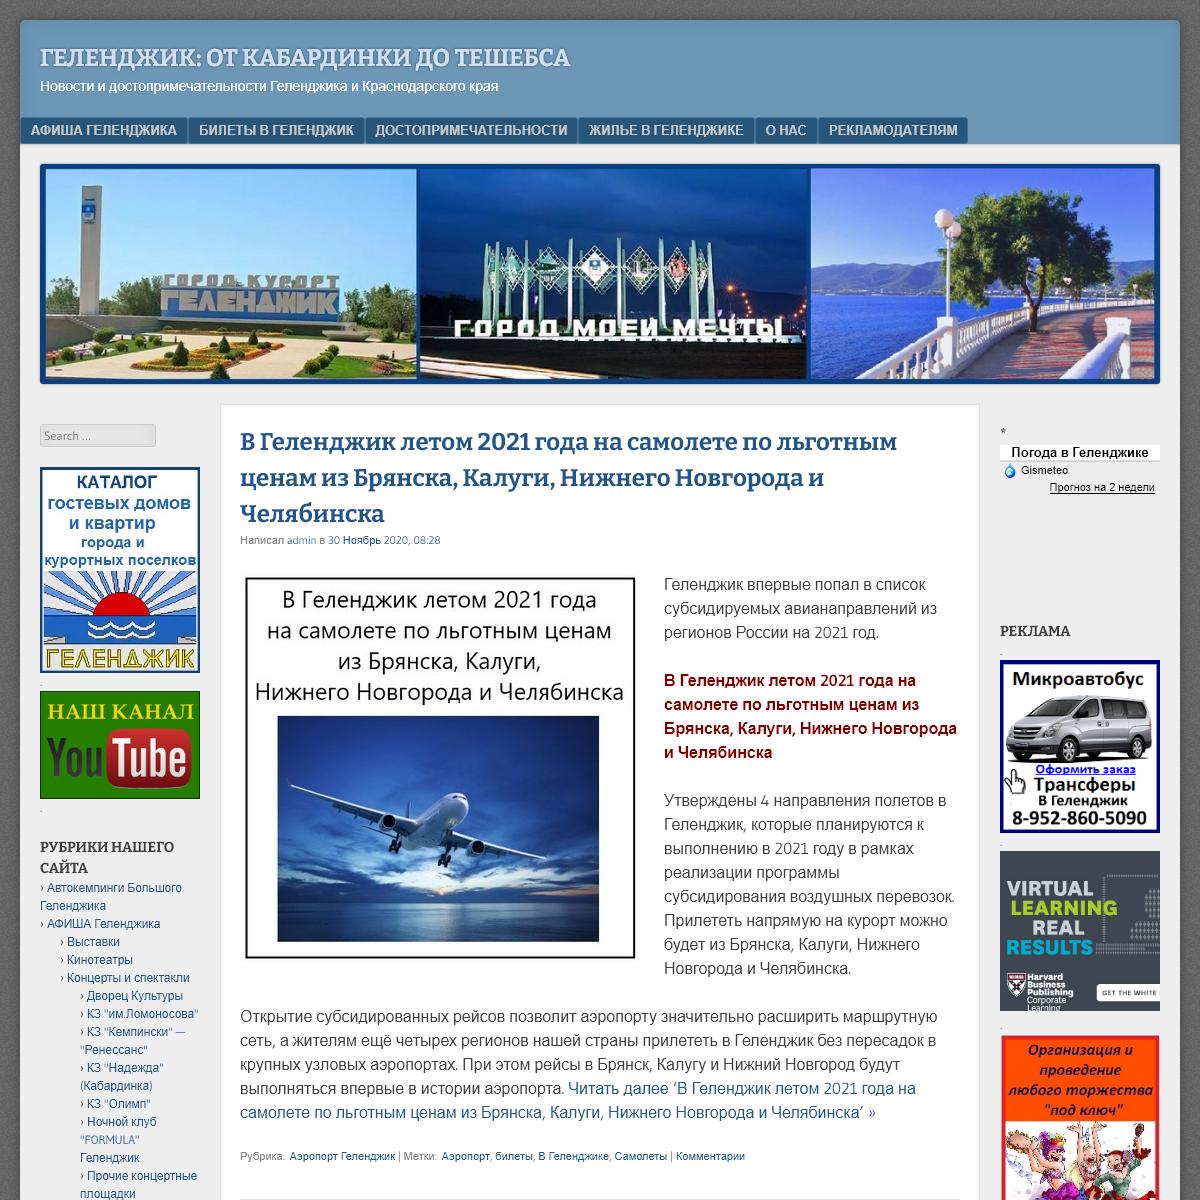 Геленджик 2020, новости, отдых, достопримечательности, жилье, сайт Гелен